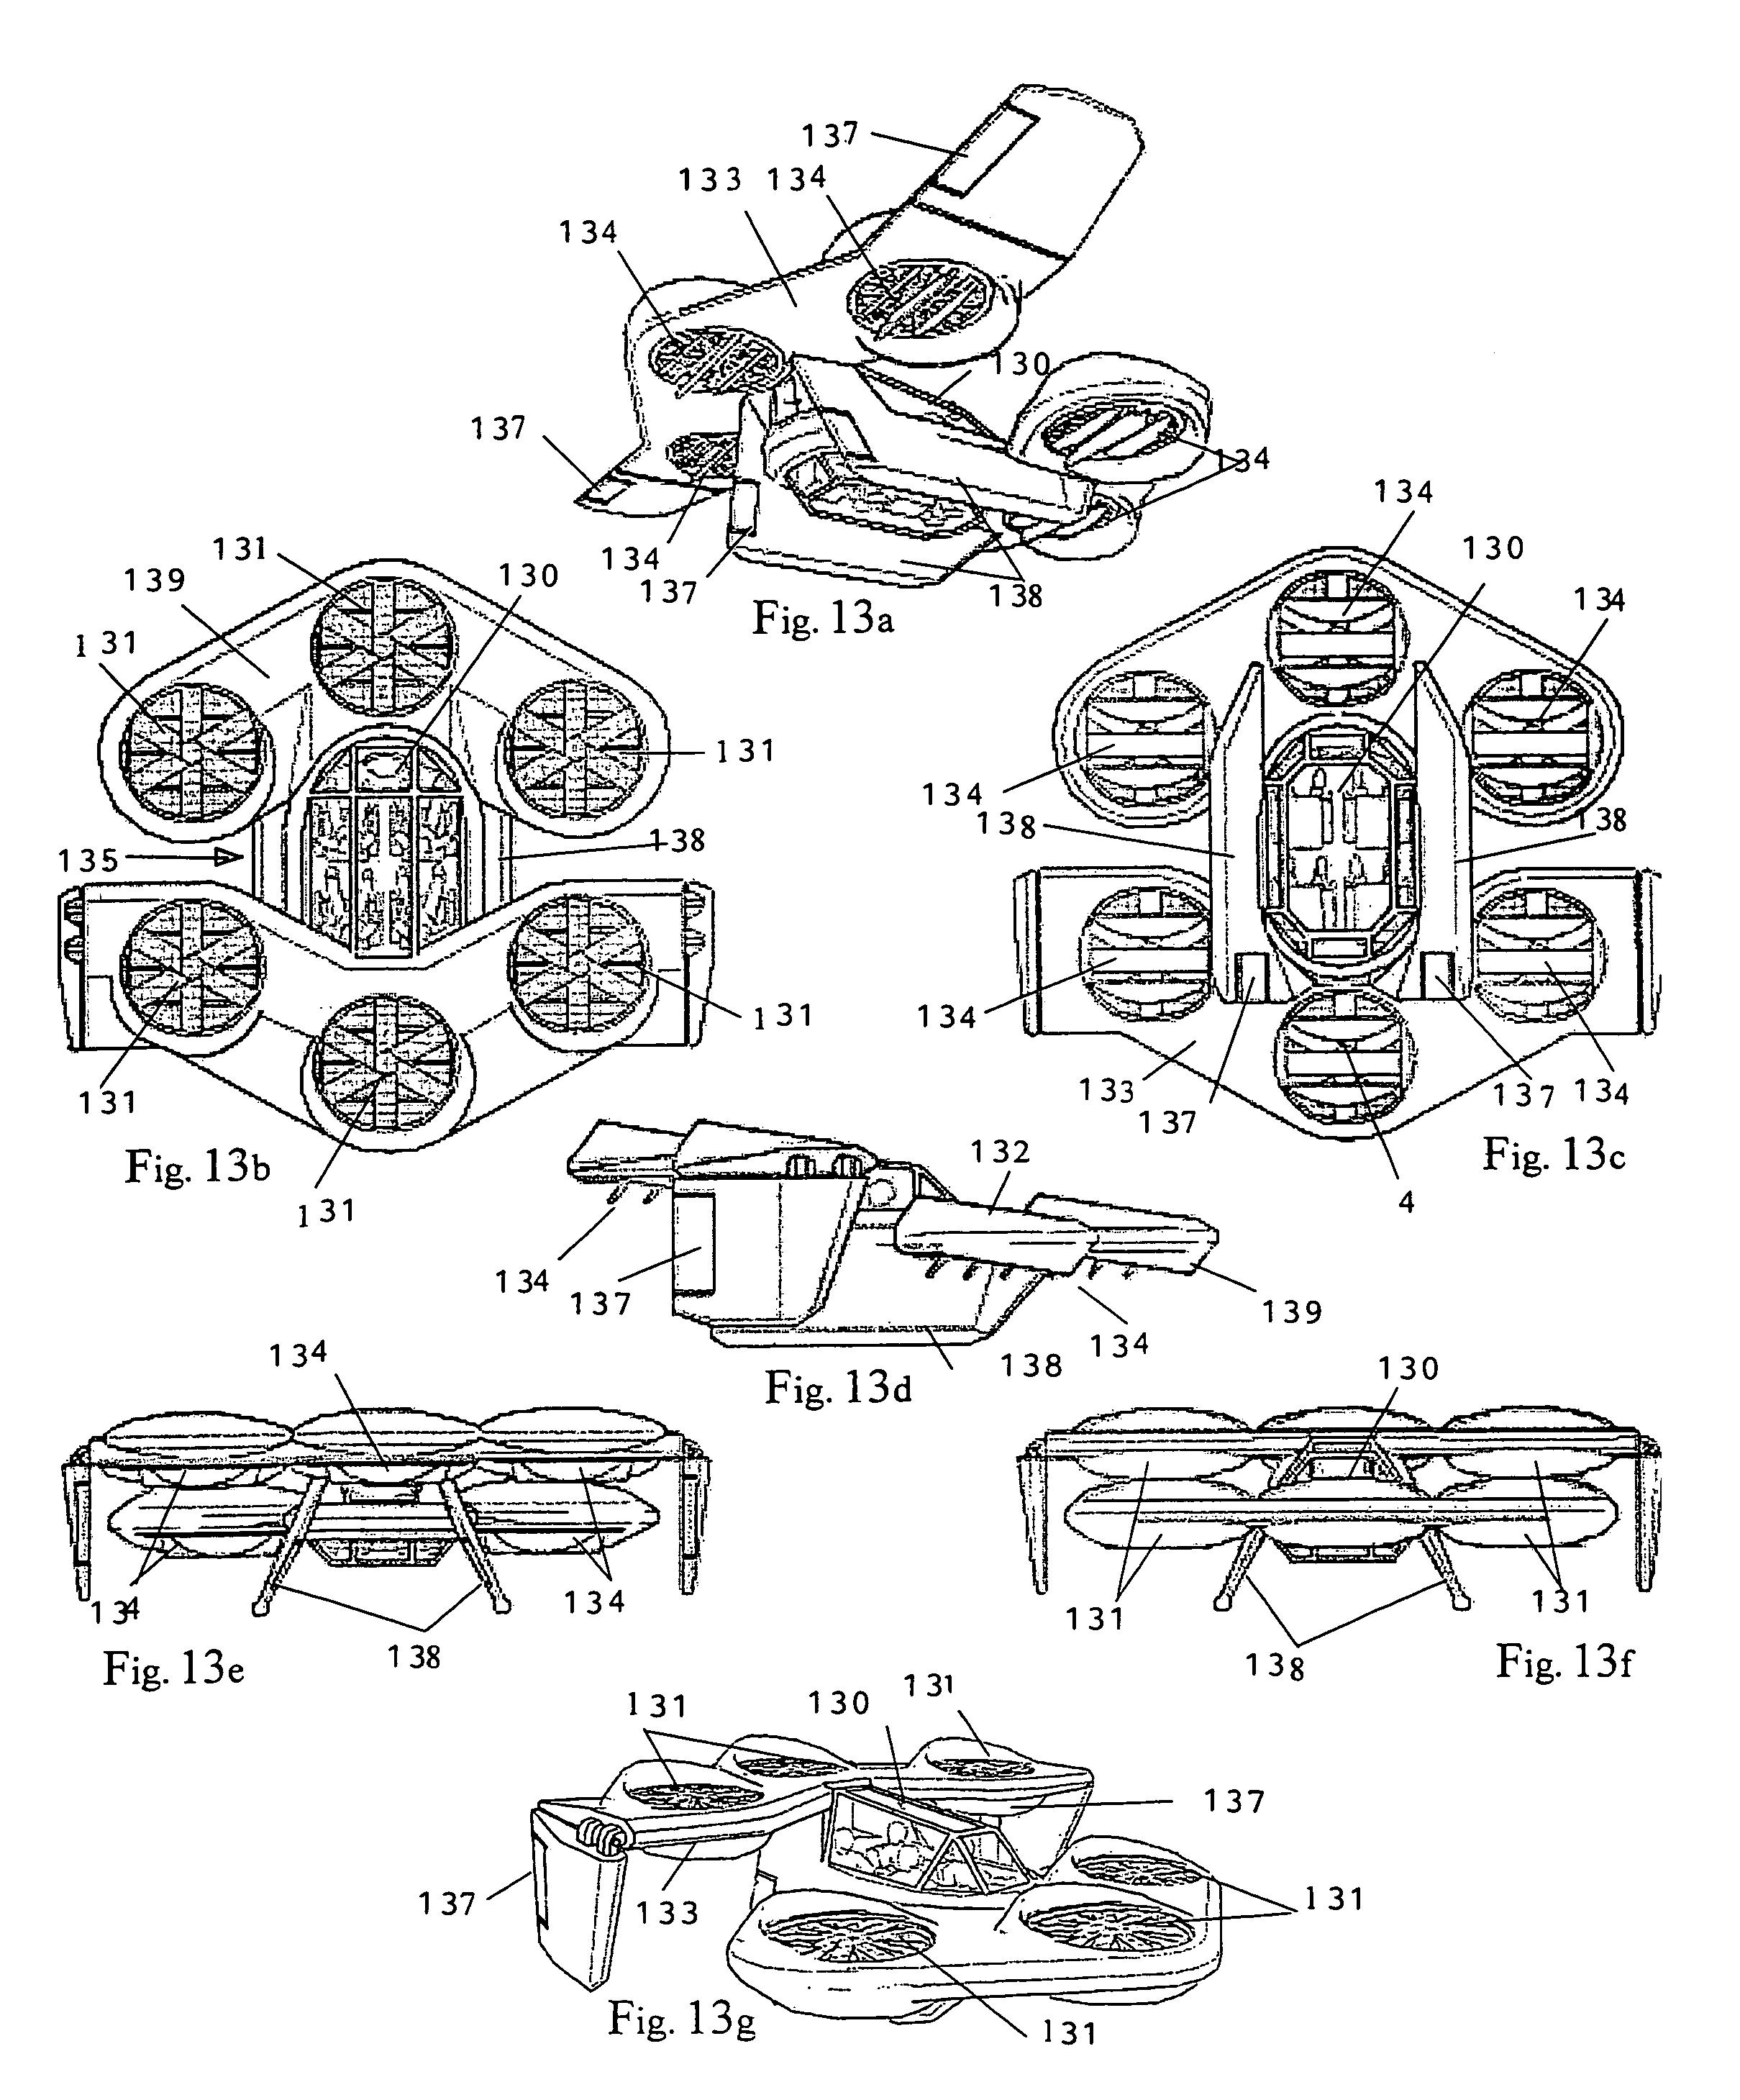 Patent Us 7032861 B2 134 Engine Exhaust Valve Diagram